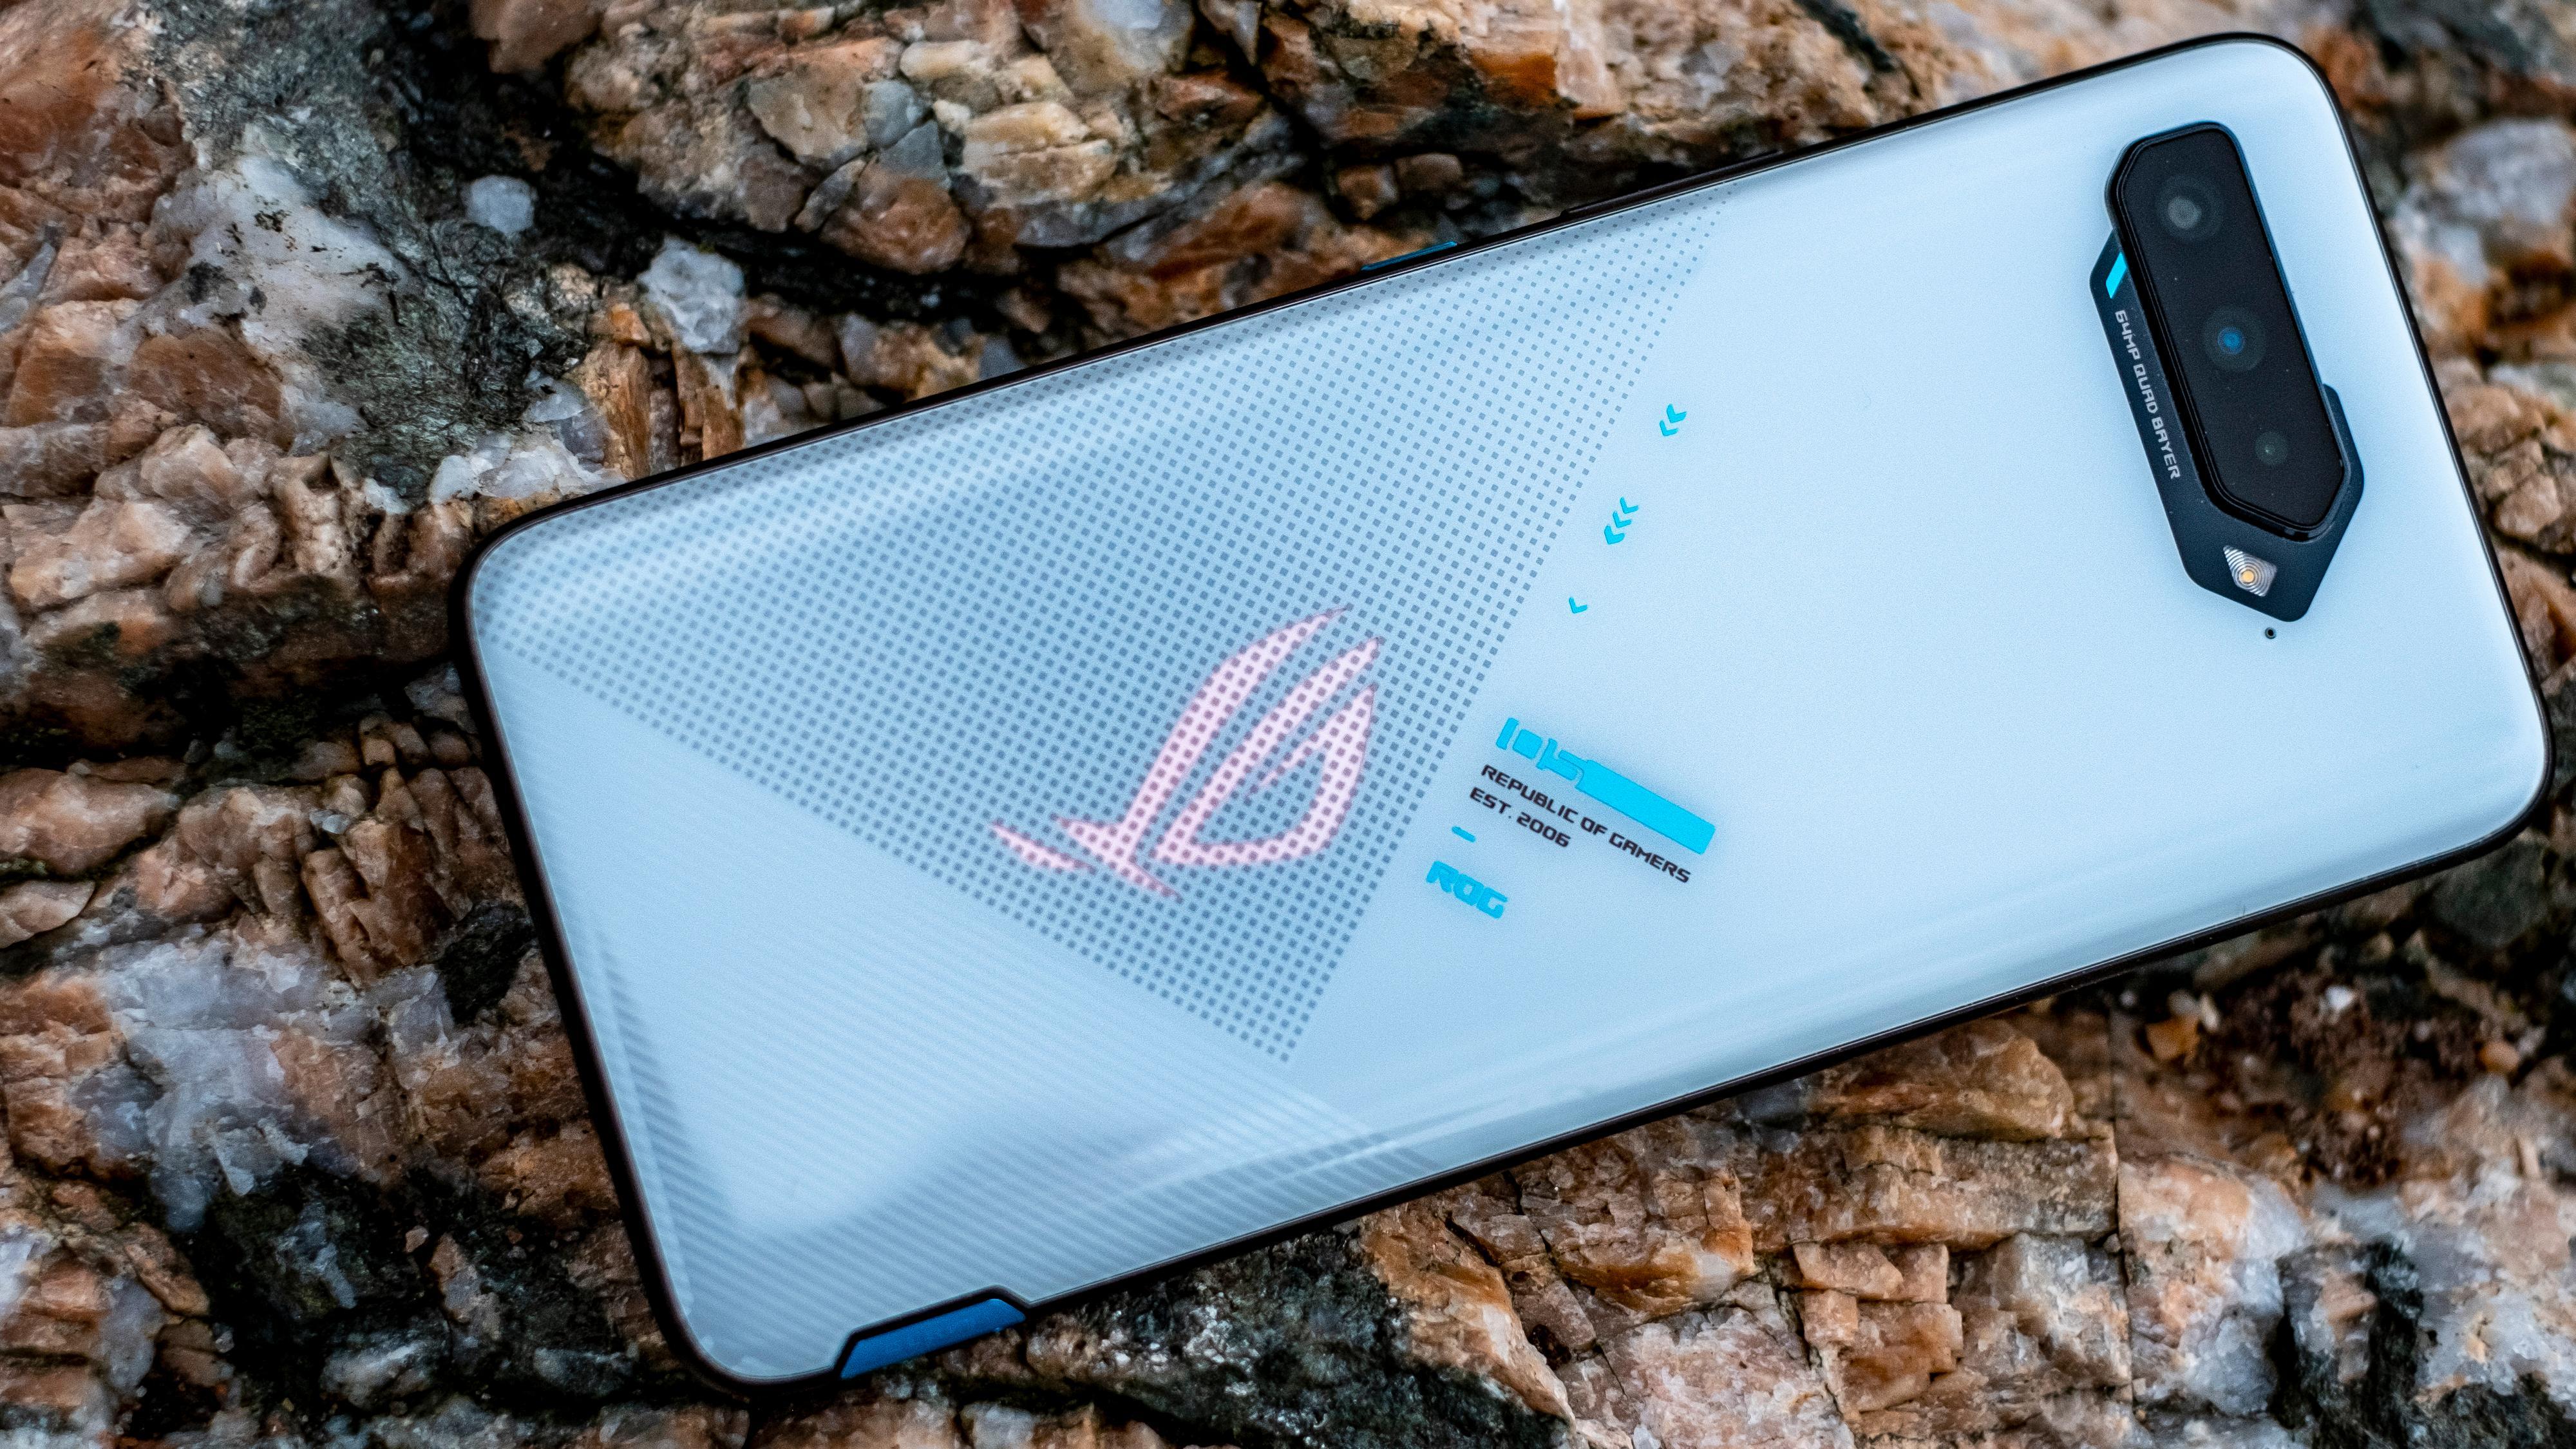 RGB-belysningen på baksiden kan pulsere jevnt mens du bruker den. Den kan også være discolys når du hører på Spotify, eller til lyden fra et spill. Hvis du og vennegjengen kjøper inn matchende mobiler kan lyset ha synkron puls på alle mobilene. Det kan forøvrig også skrus av.